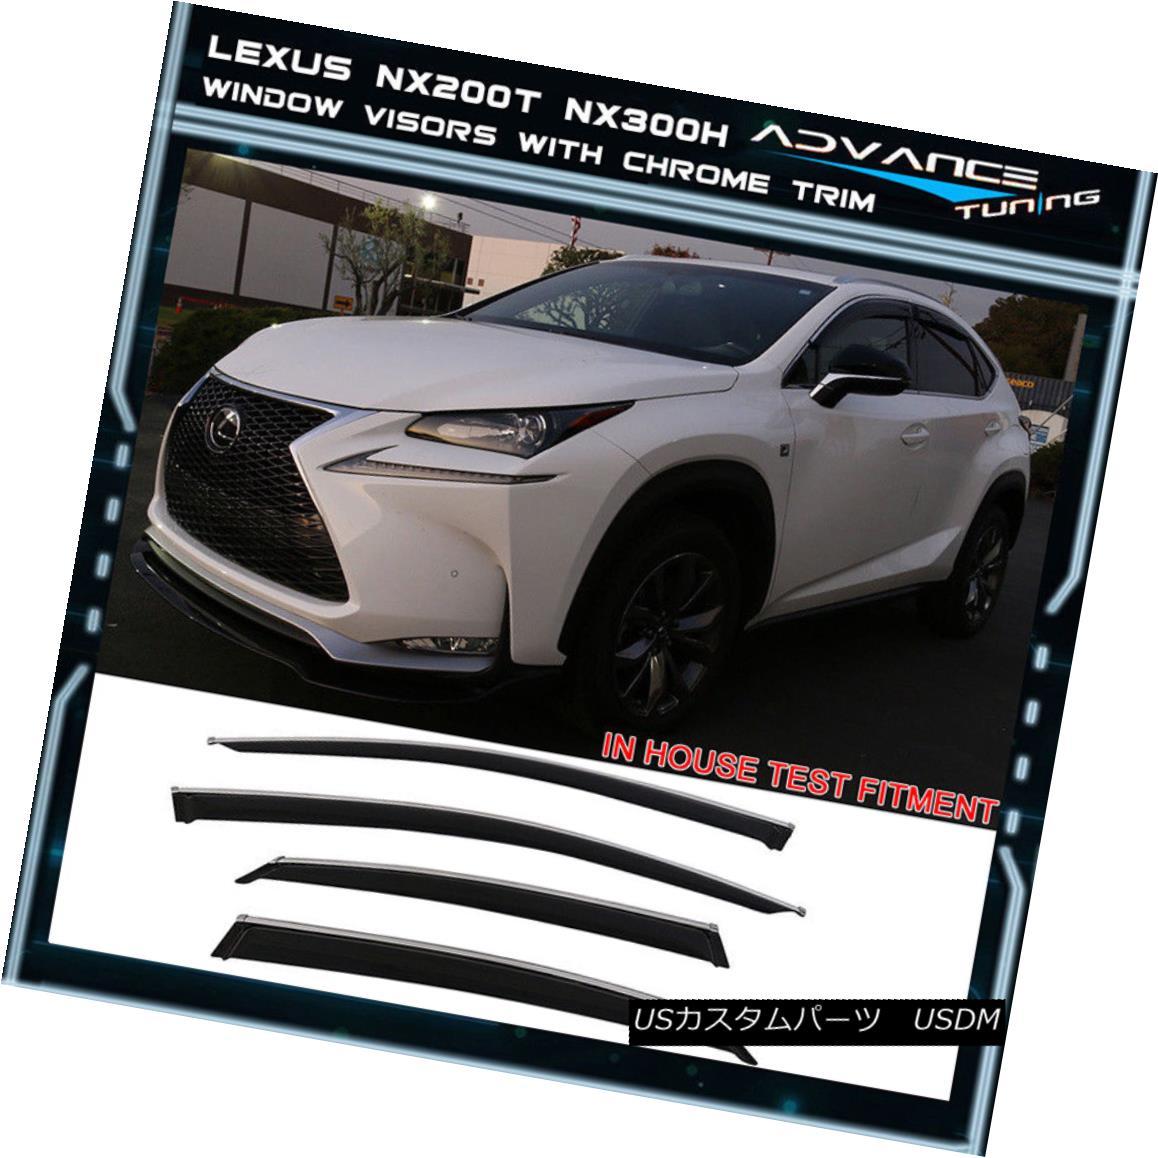 エアロパーツ Fits 15-17 Lexus NX200t Acrylic Window Visors w/ Chrome Trim 4Pc クロムトリム4Pc付き15-17 Lexus NX200tアクリル窓バイザー